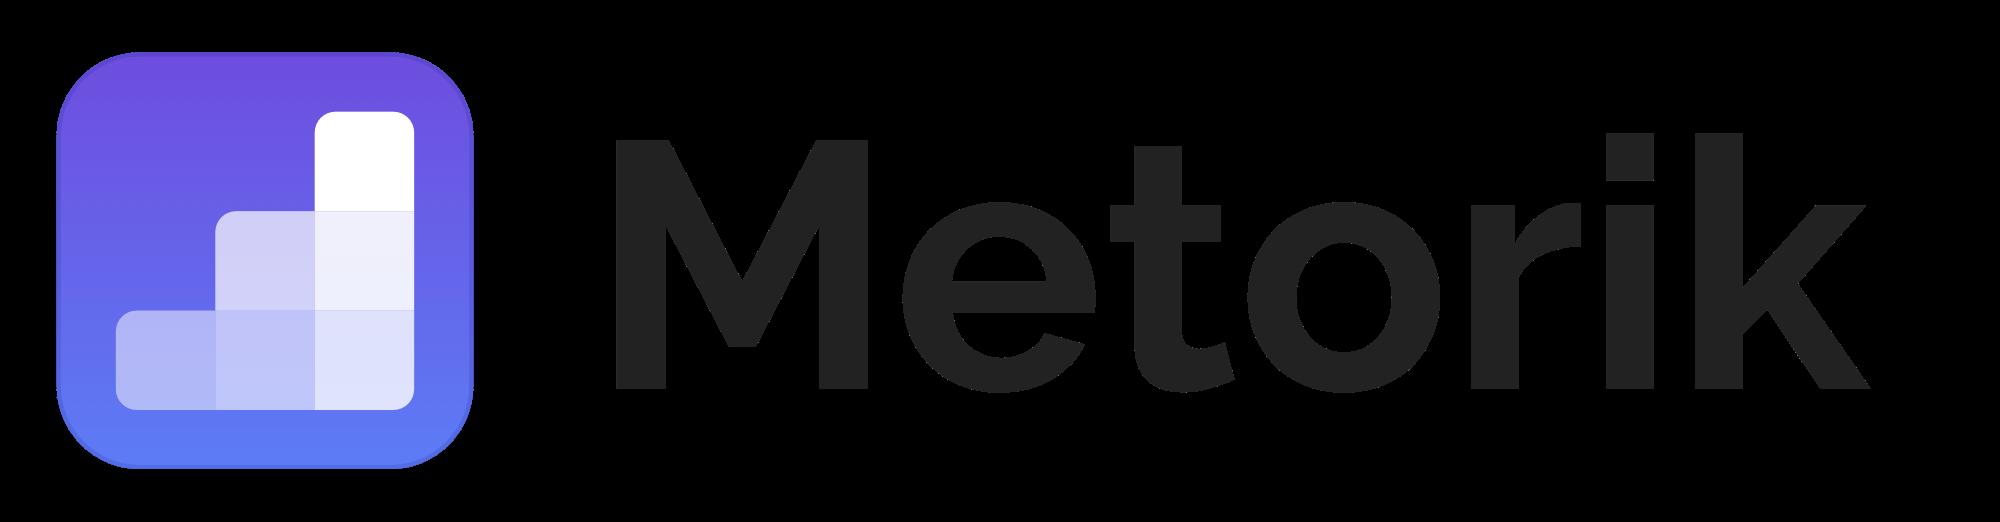 logo-icon-text